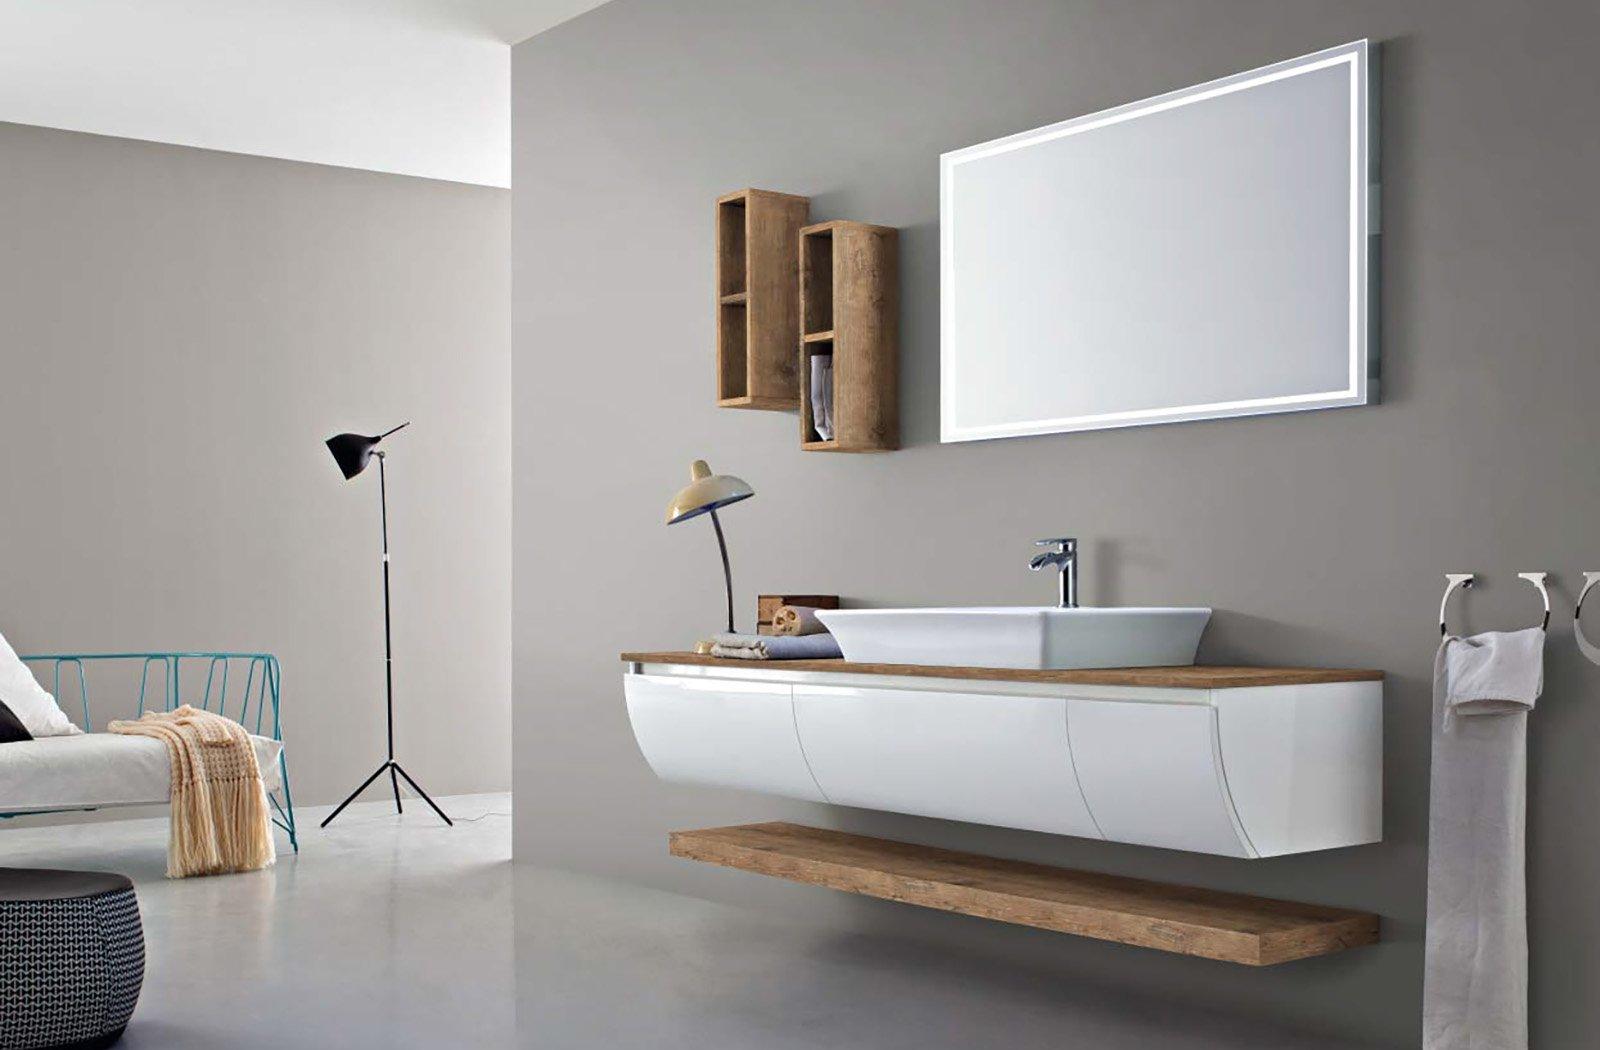 Joy of life by cerasa per arredare il bagno con - Colore bagno piccolo ...